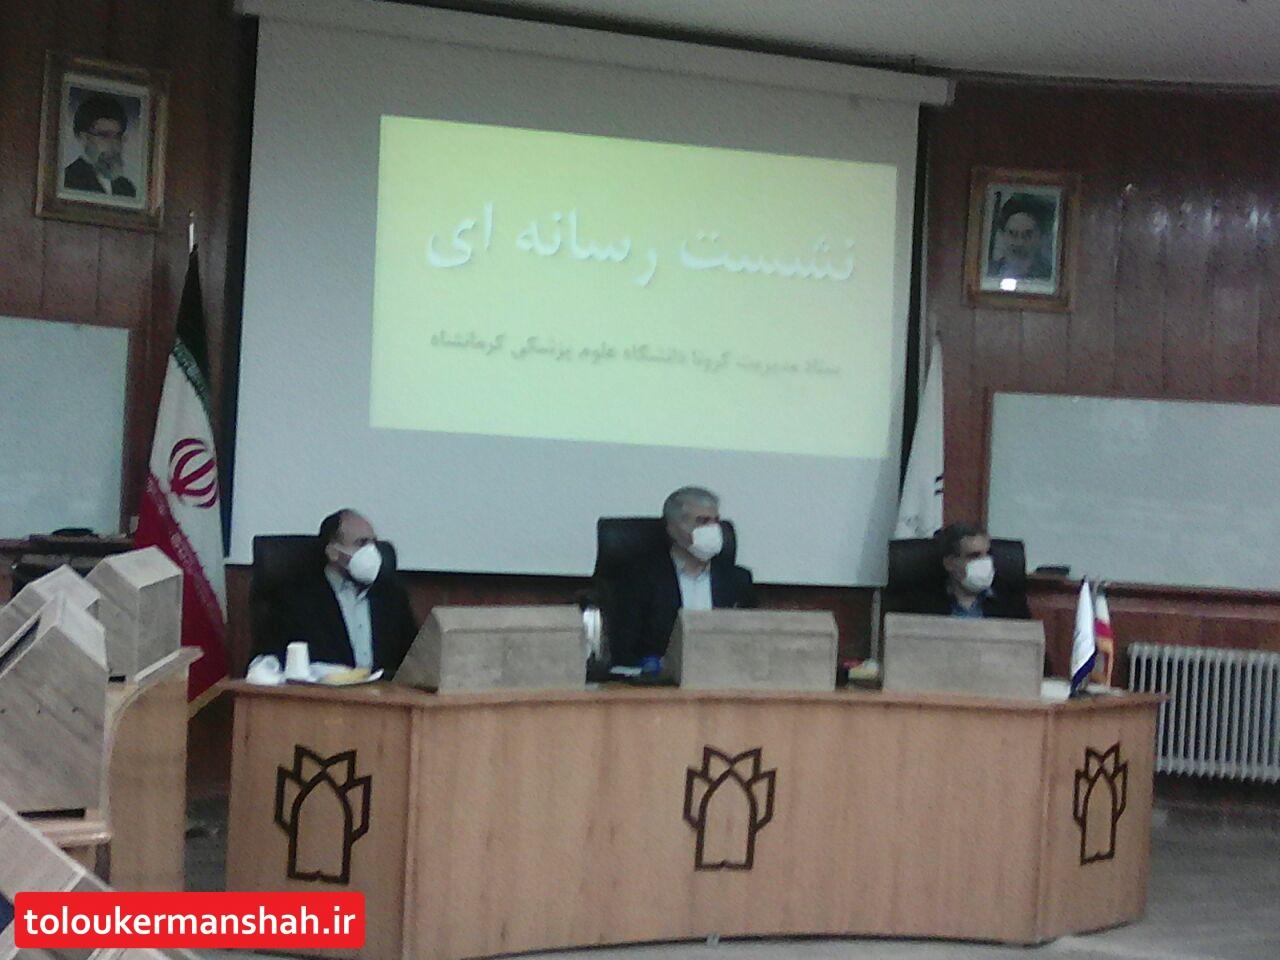 مواظب افراد پر خطر اطرافمان باشیم/استان کرمانشاه در حالت هشدار قرار دارد/ بی توجهی مردم نگران کننده است